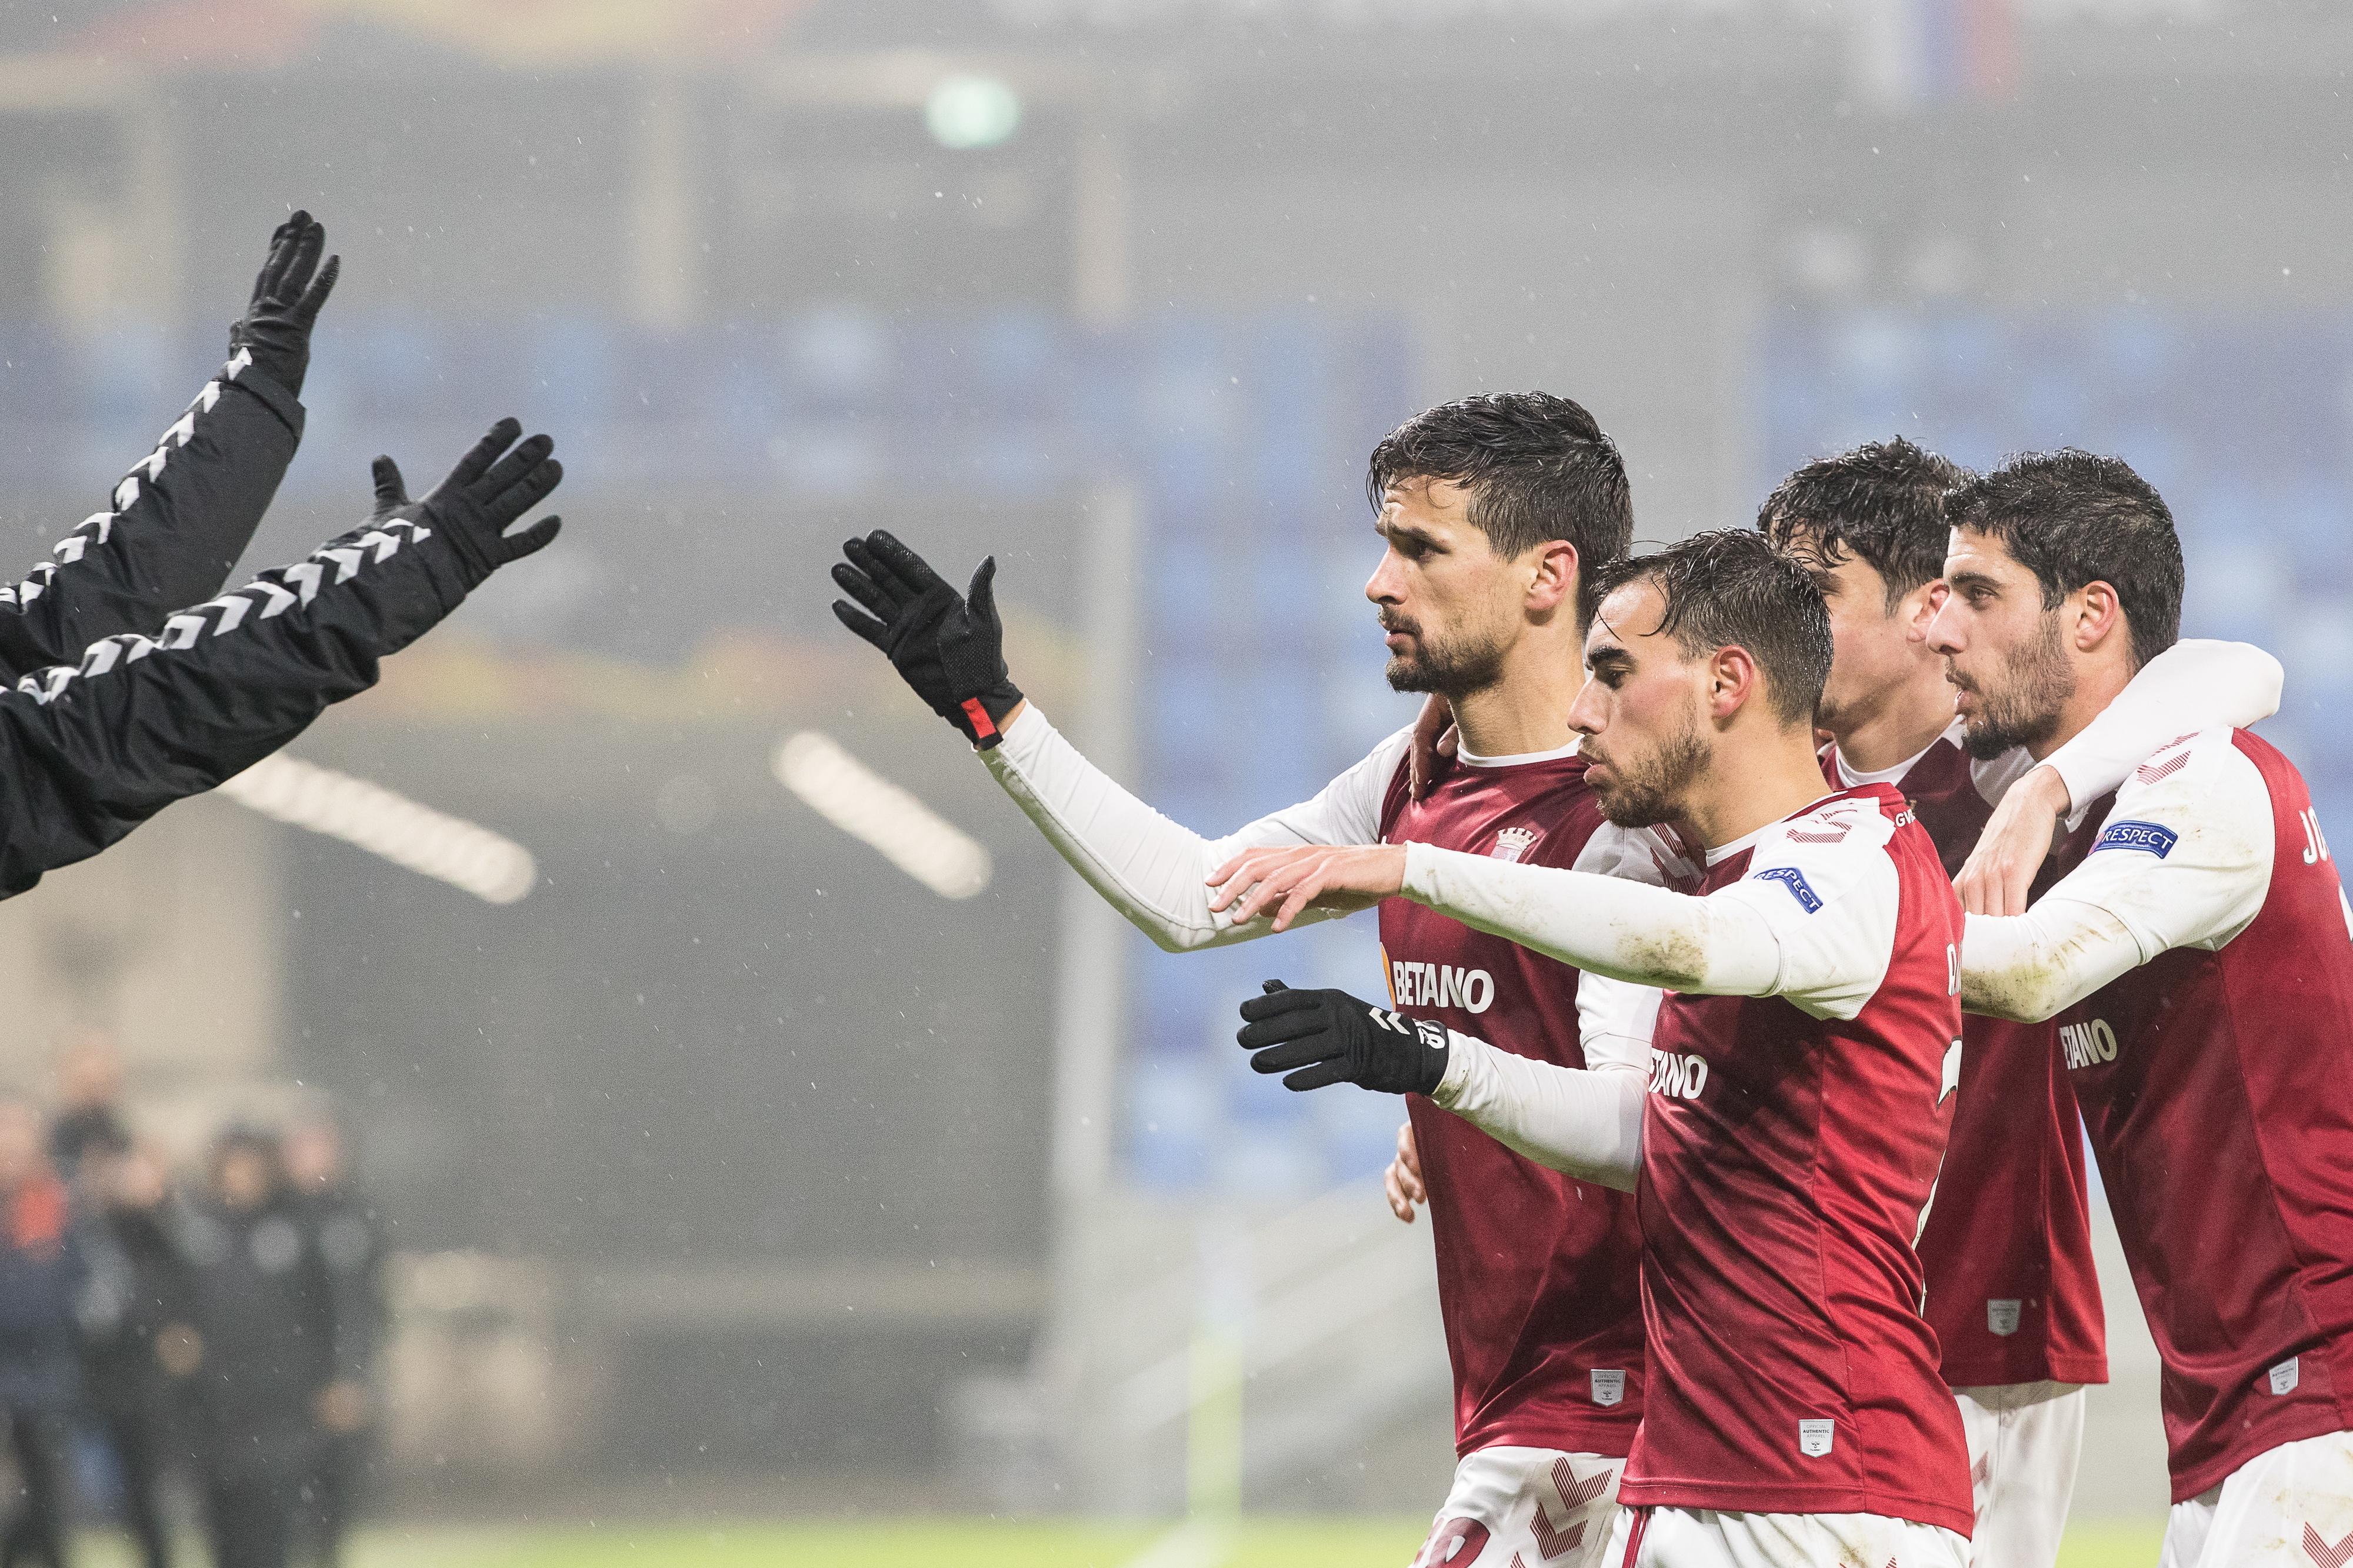 Braga vence na Eslováquia e termina em 1.º. 'Wolves' goleiam com hat-trick de Diogo Jota